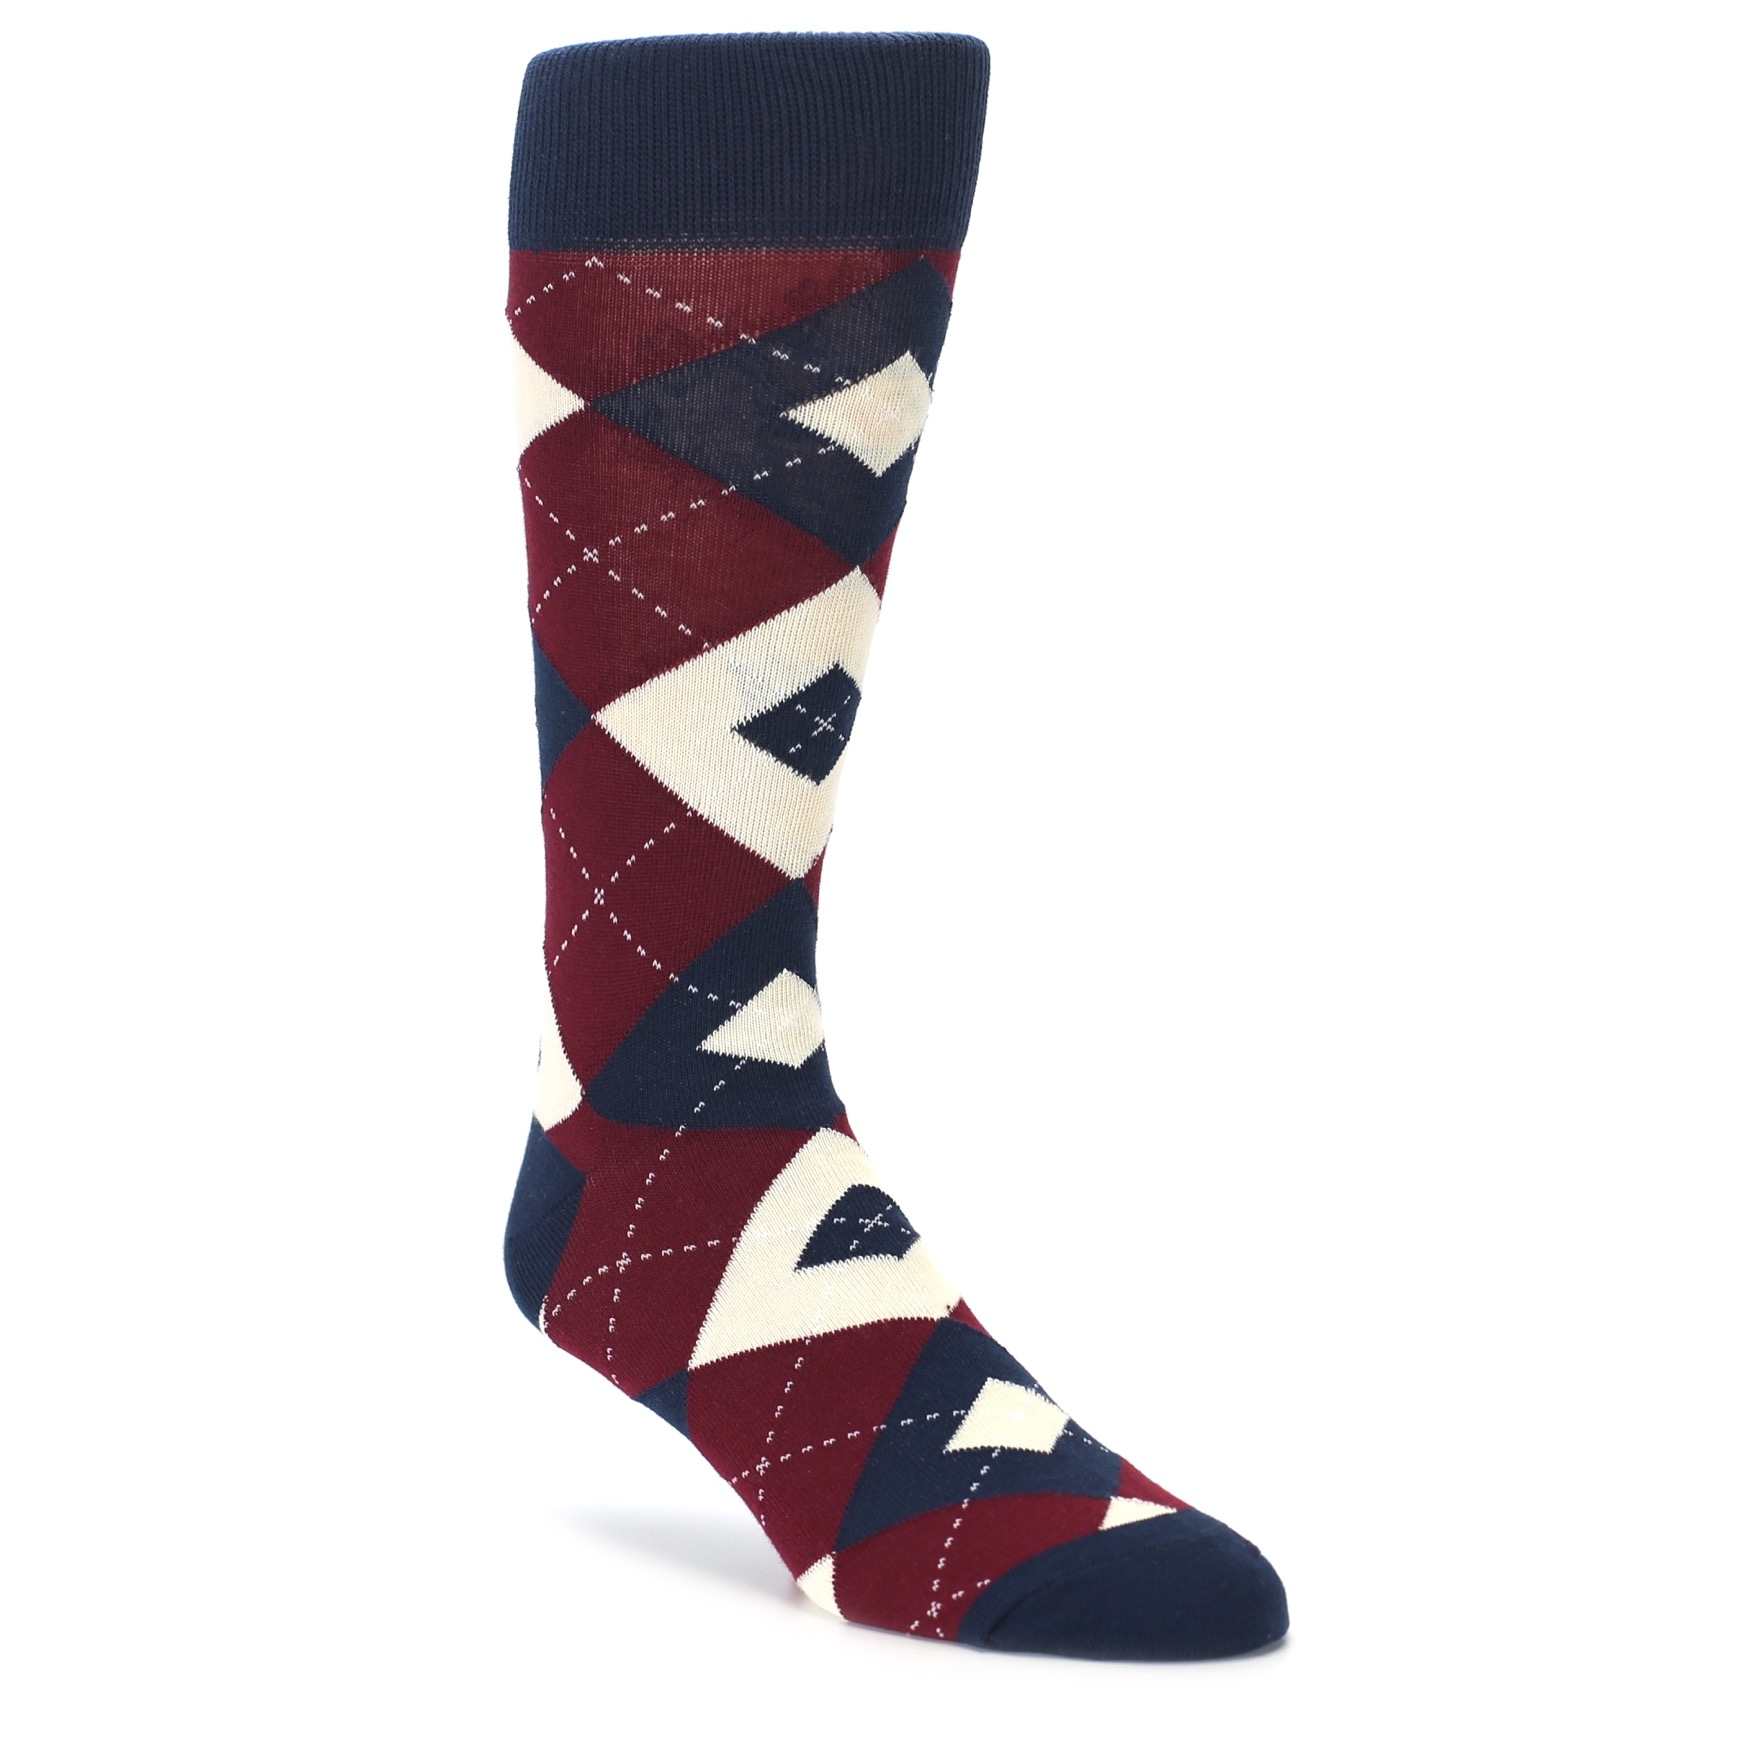 65b8df84f855 Burgundy Navy Argyle Men's Dress Socks   boldSOCKS